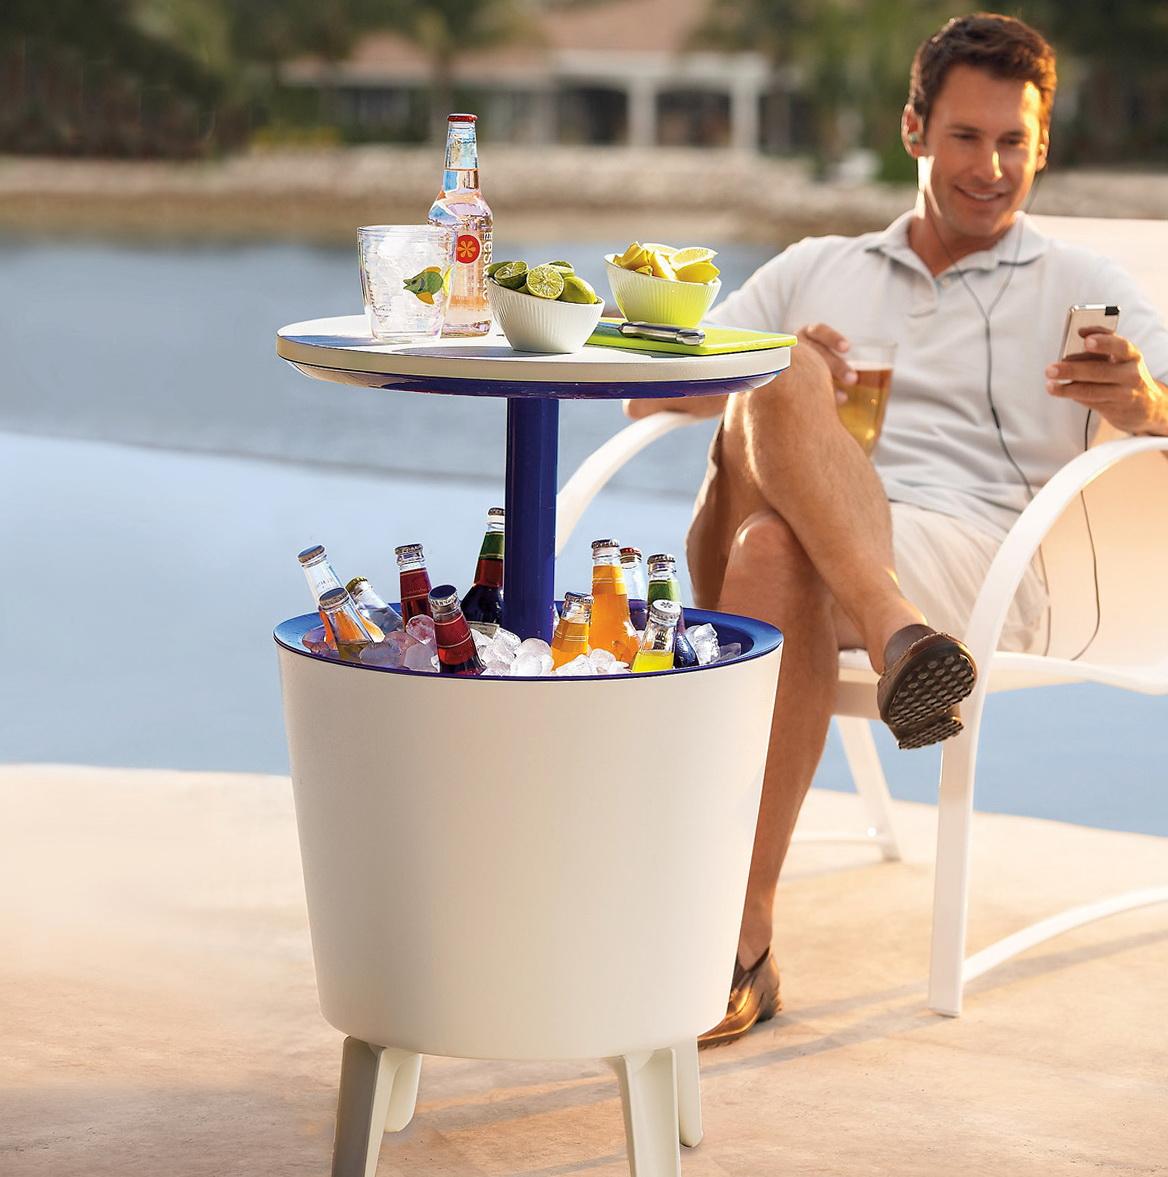 Outdoor Side Table Beverage Cooler